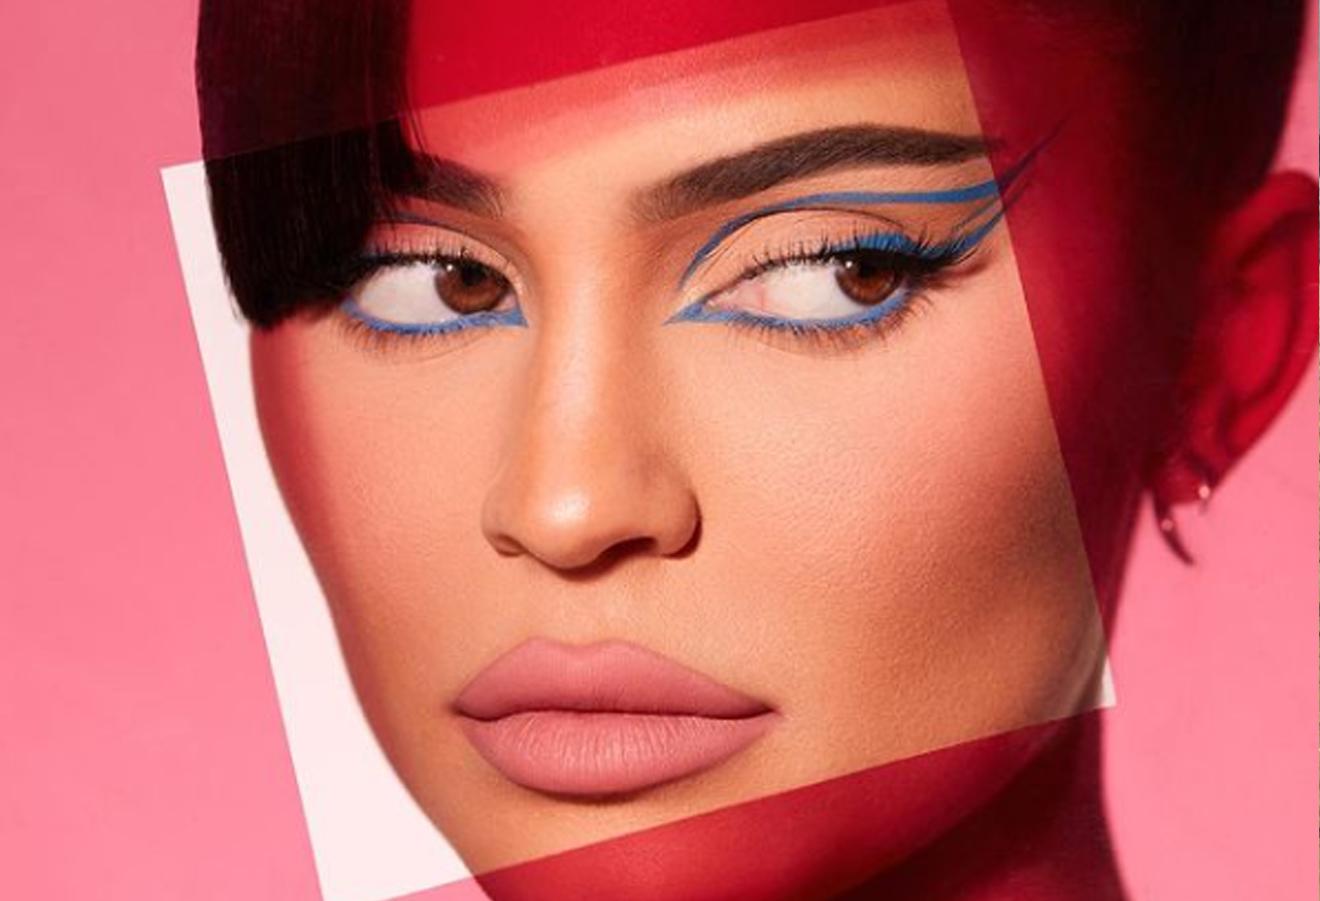 Megújul a Kylie Cosmetics